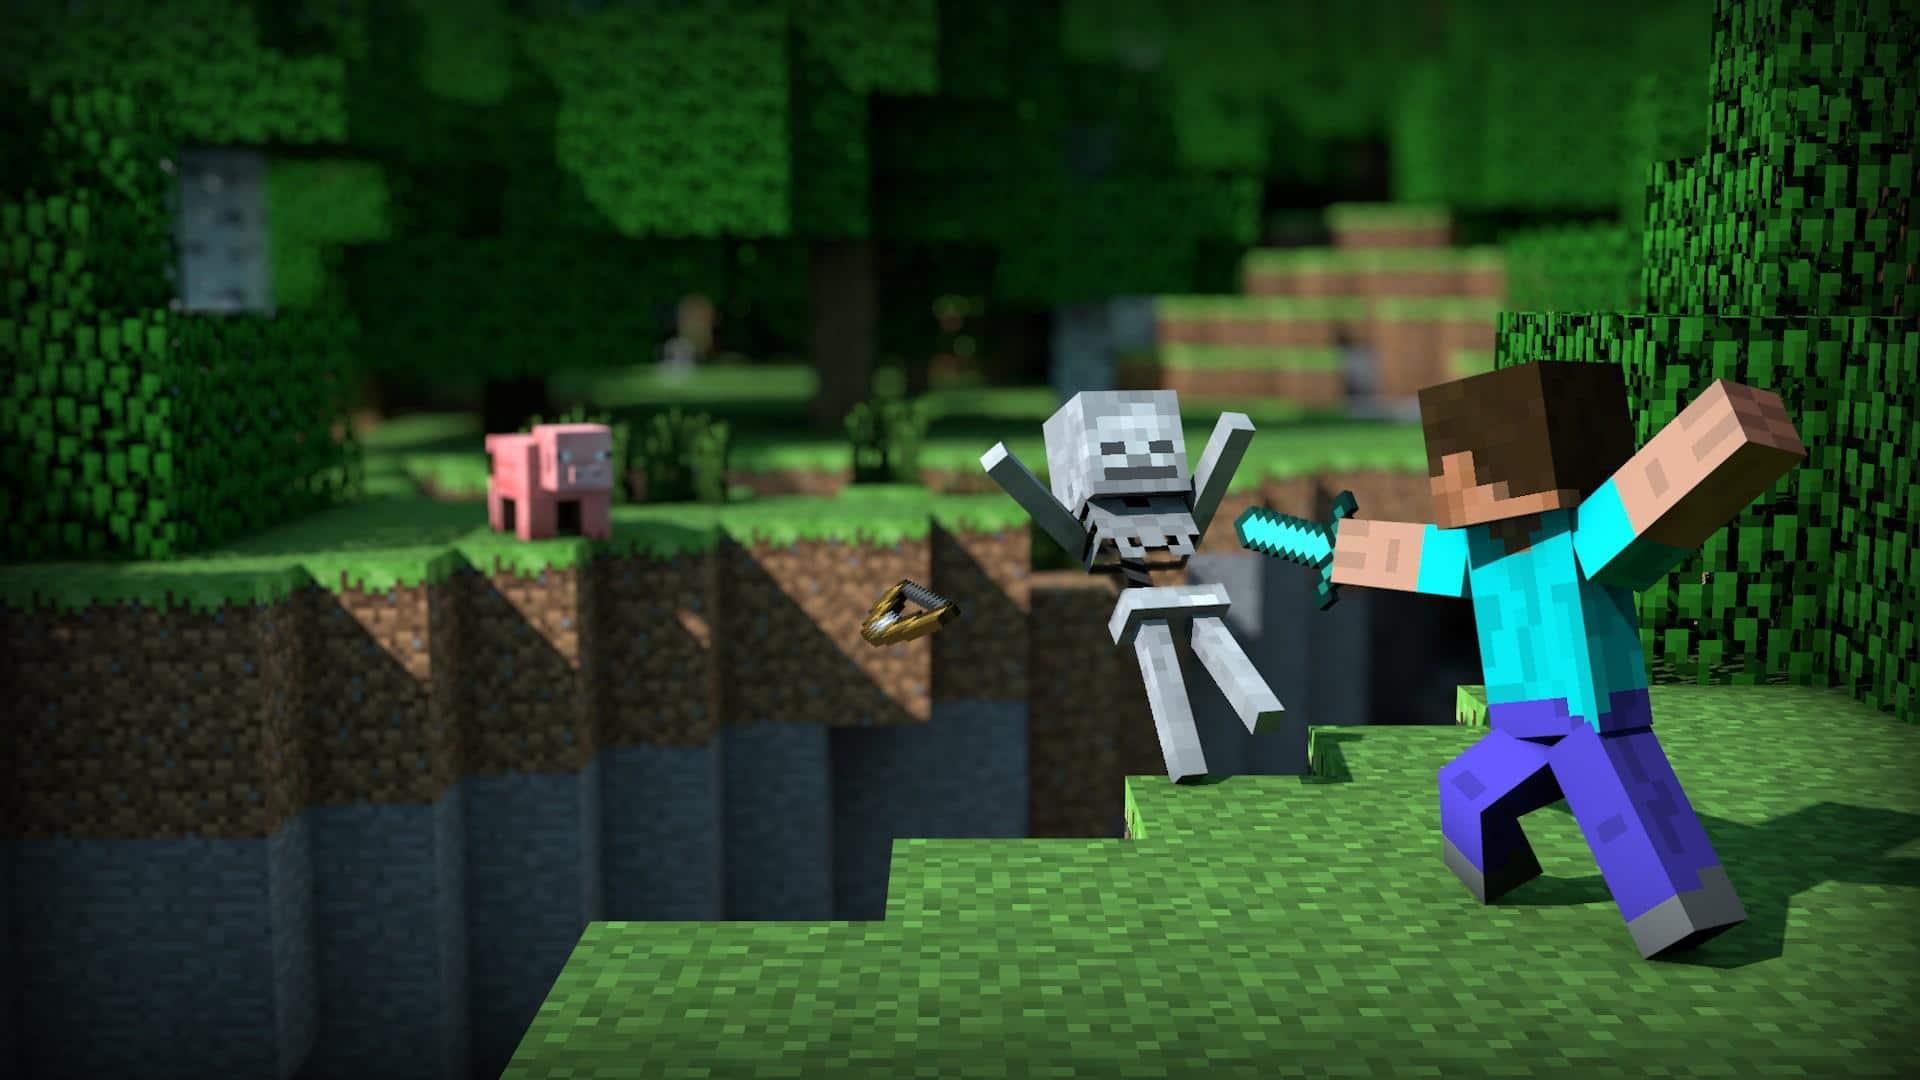 Jugador de Minecraft construye un cubo volcado en el juego, GamersRD